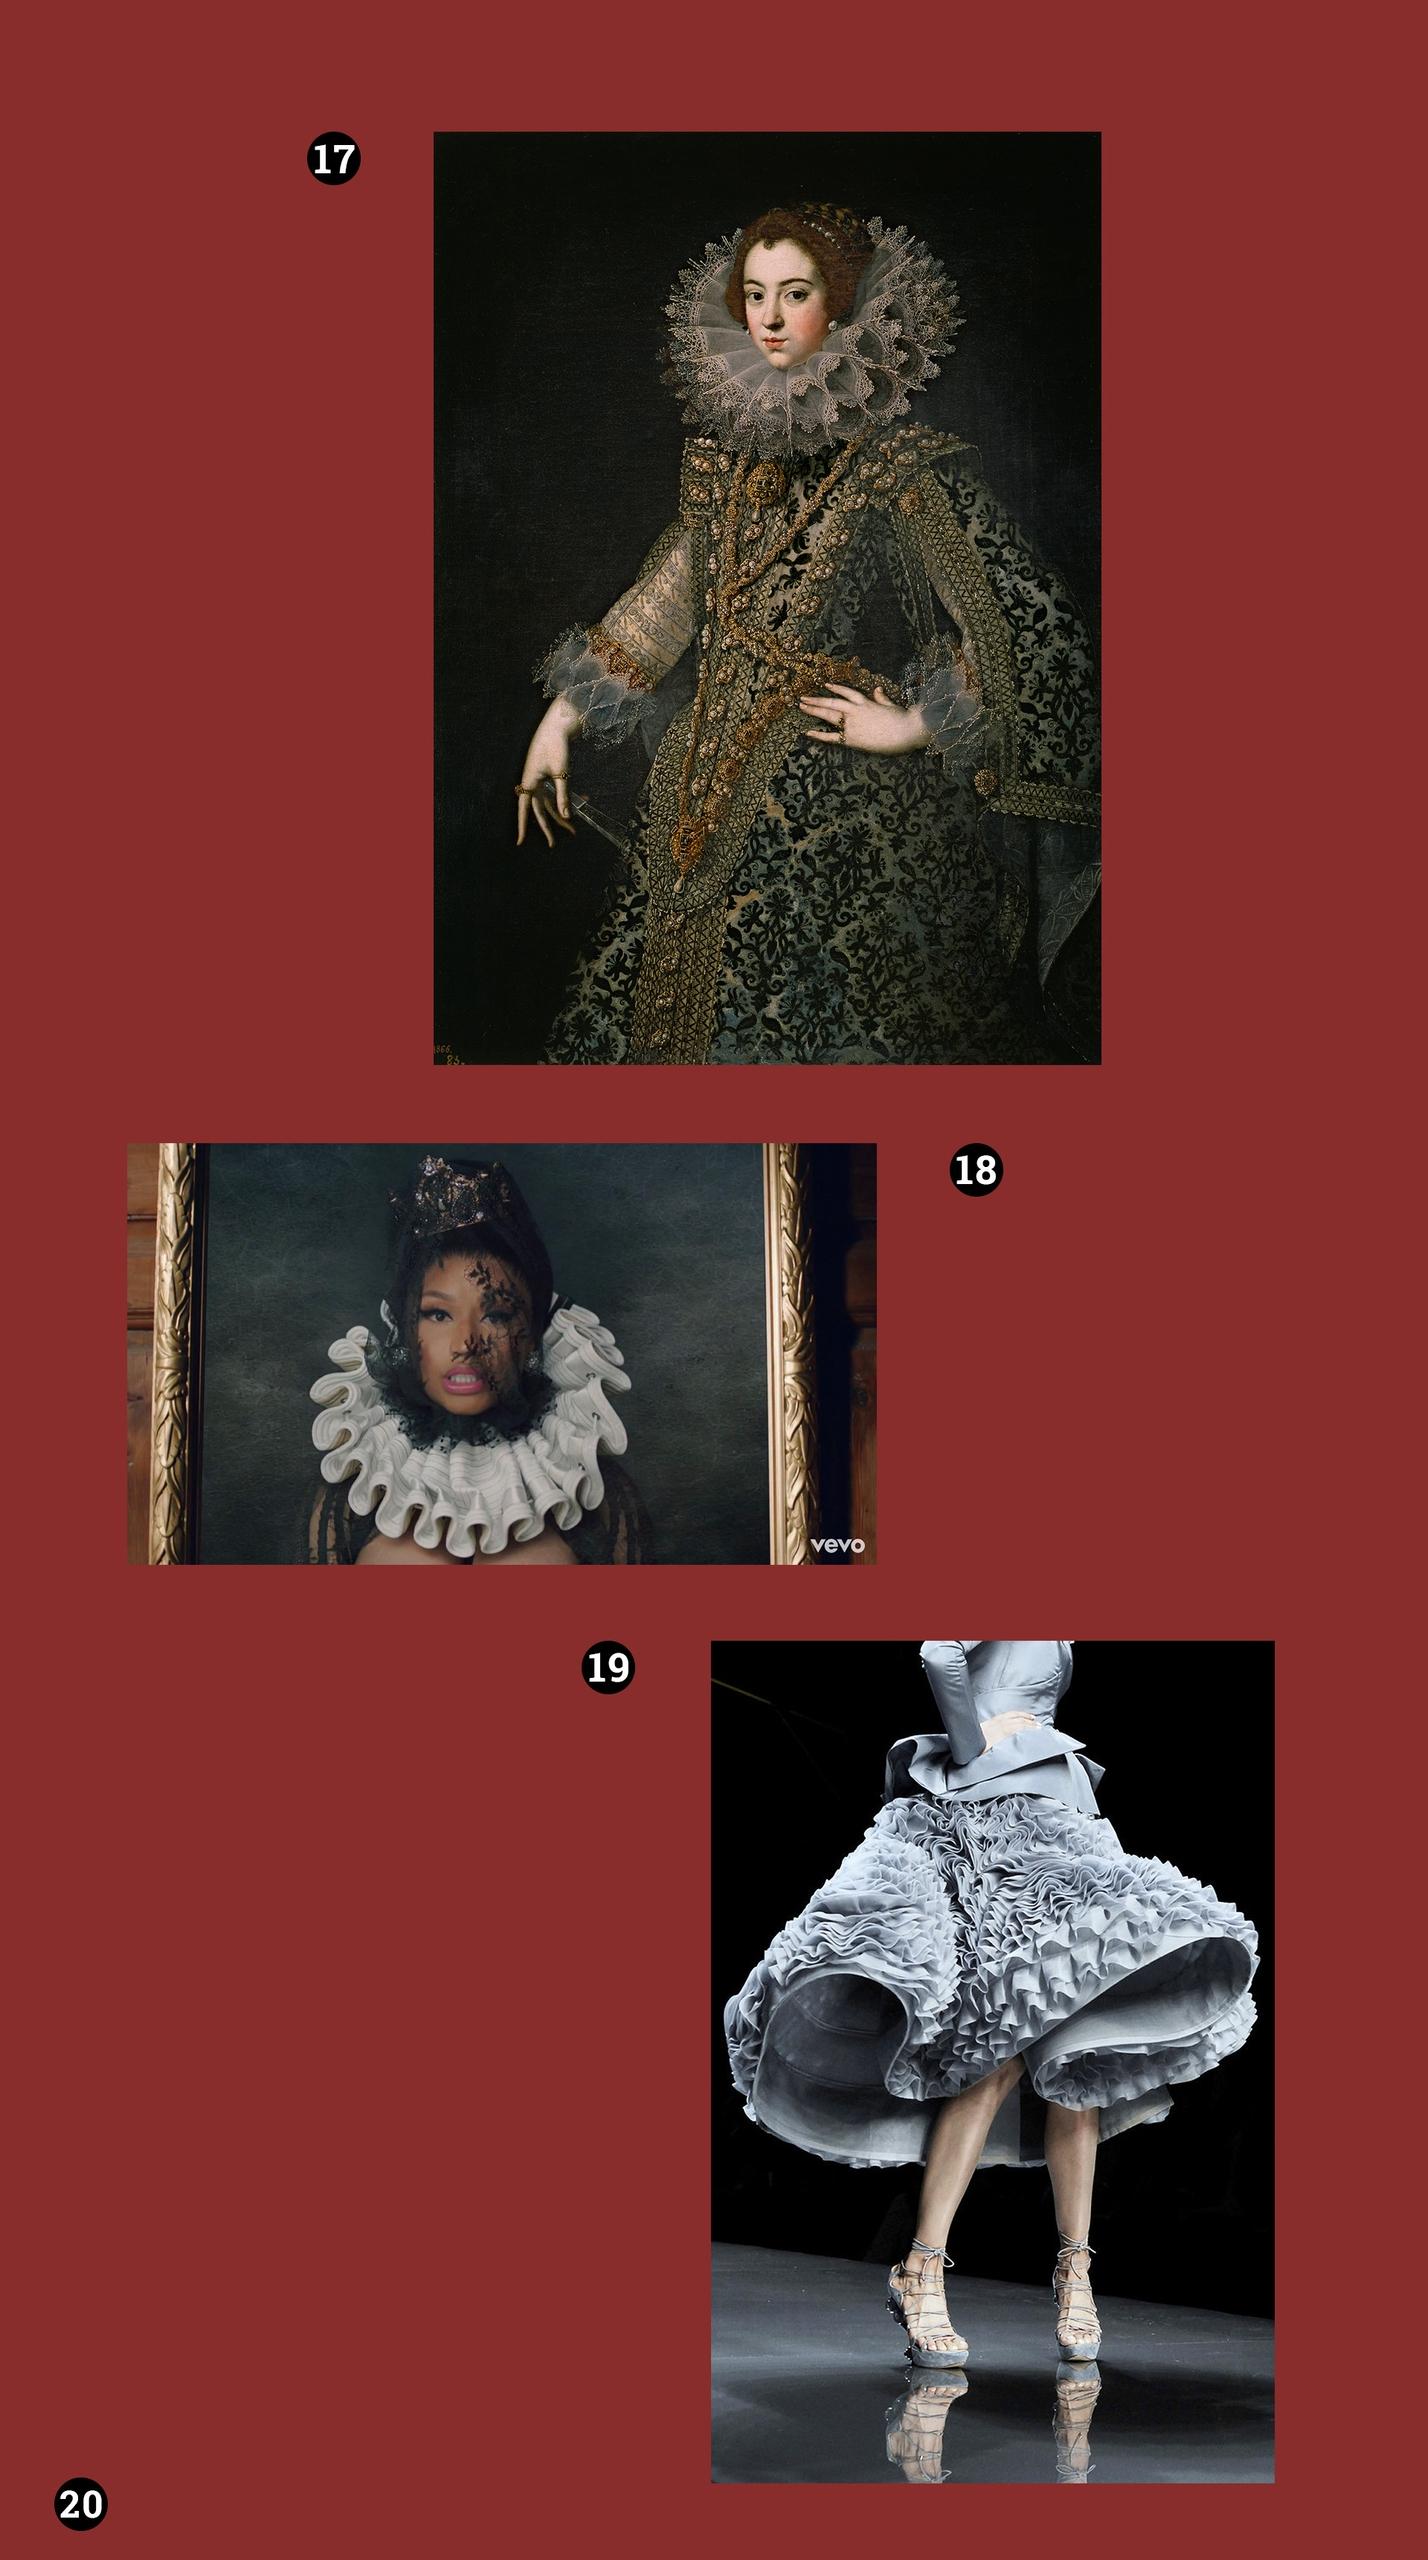 Obraz przedstawia trzy zdjęcia. Na jednym z nich widzimy portret królowej w bogato zdobionej sukni, na kolejnym kadr filmu a na ostatnim fragment postaci w szarej sukience.